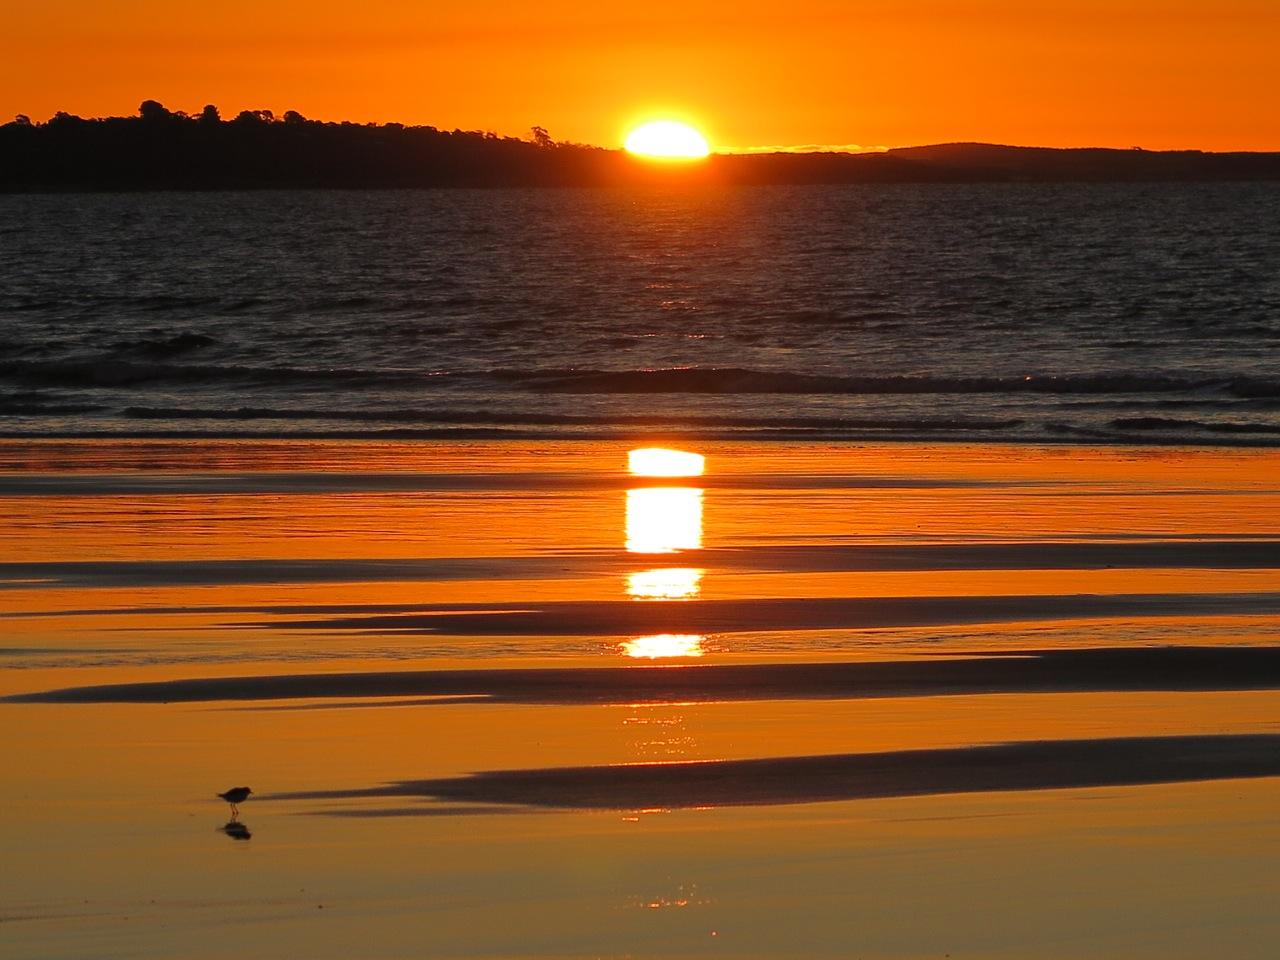 Sonnenuntergang an der Bass Strait von Lost Farm